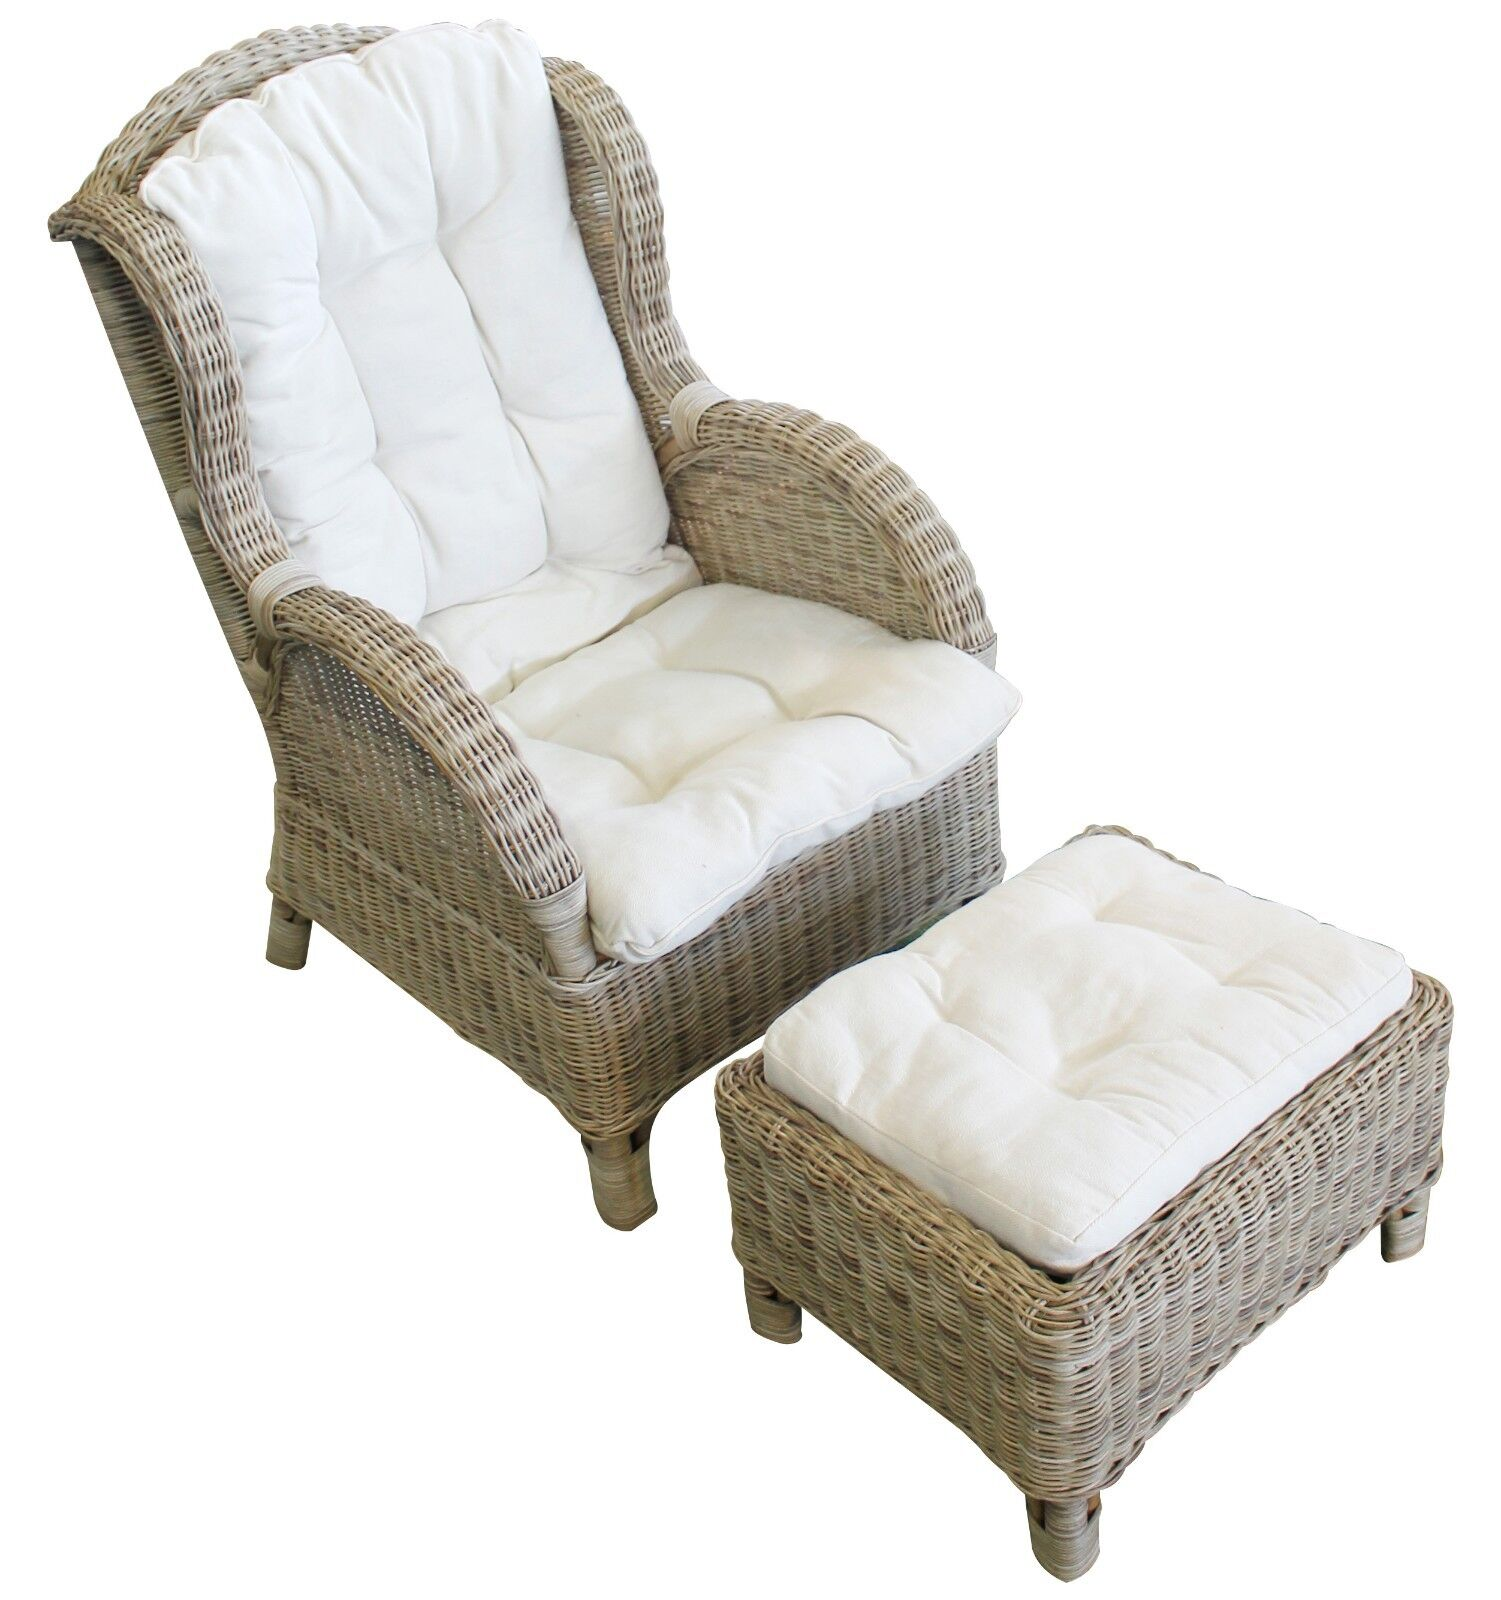 Rattan Sessel Relaxsessel mit Fußteil Ohrensessel inkl. Polster beige